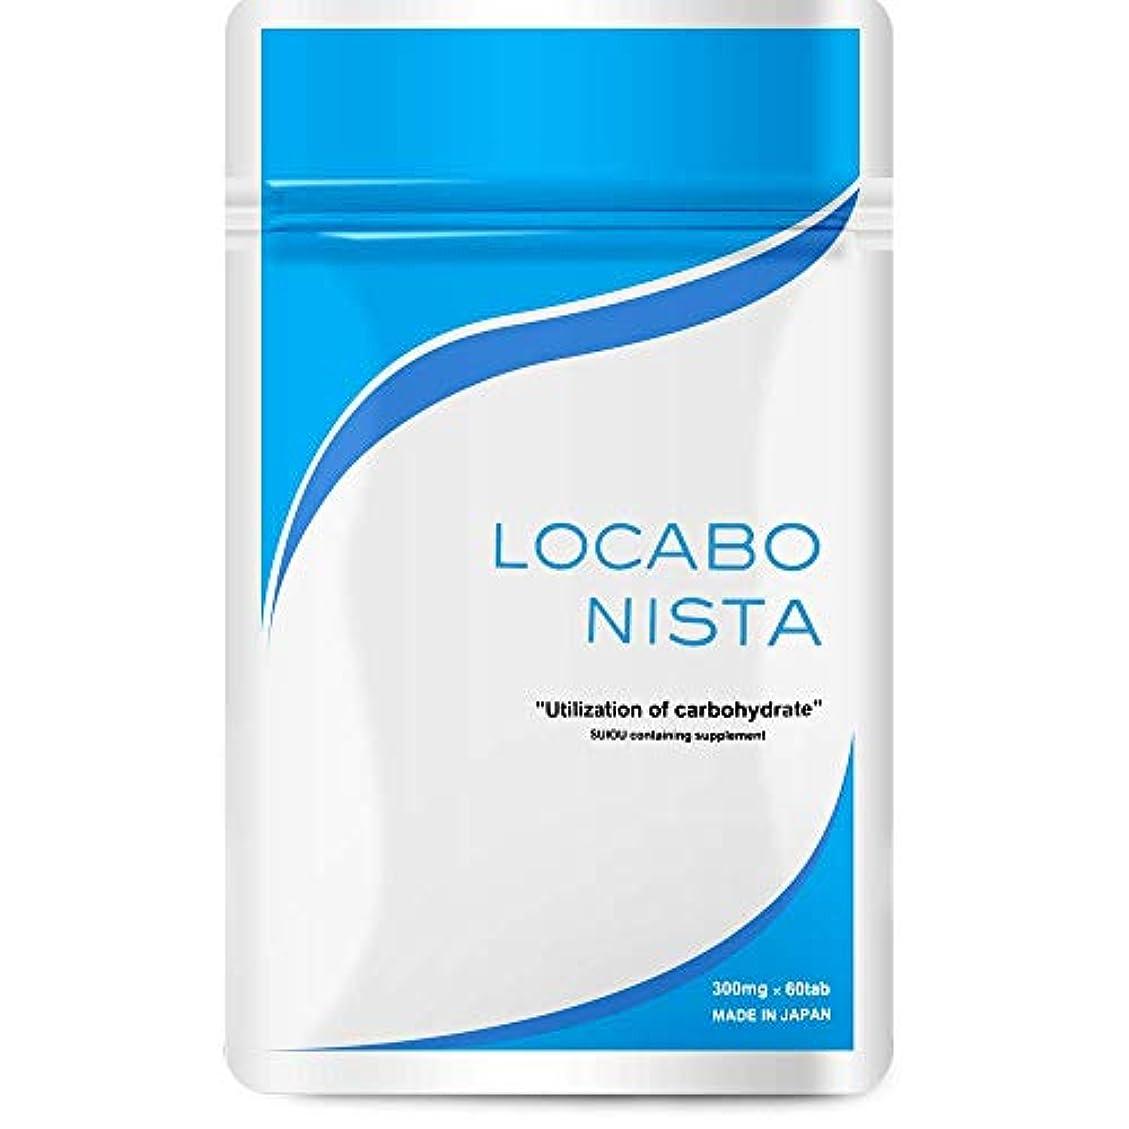 パフペイン復活させるダイエット サプリ 燃焼系 糖質活用 LOCABO NISTA ロカボ ニスタ [ GLP-1 すいおう α-リポ酸 カテキン クロロゲン酸 サプリメント 糖質 コントロール 短期 スリム]